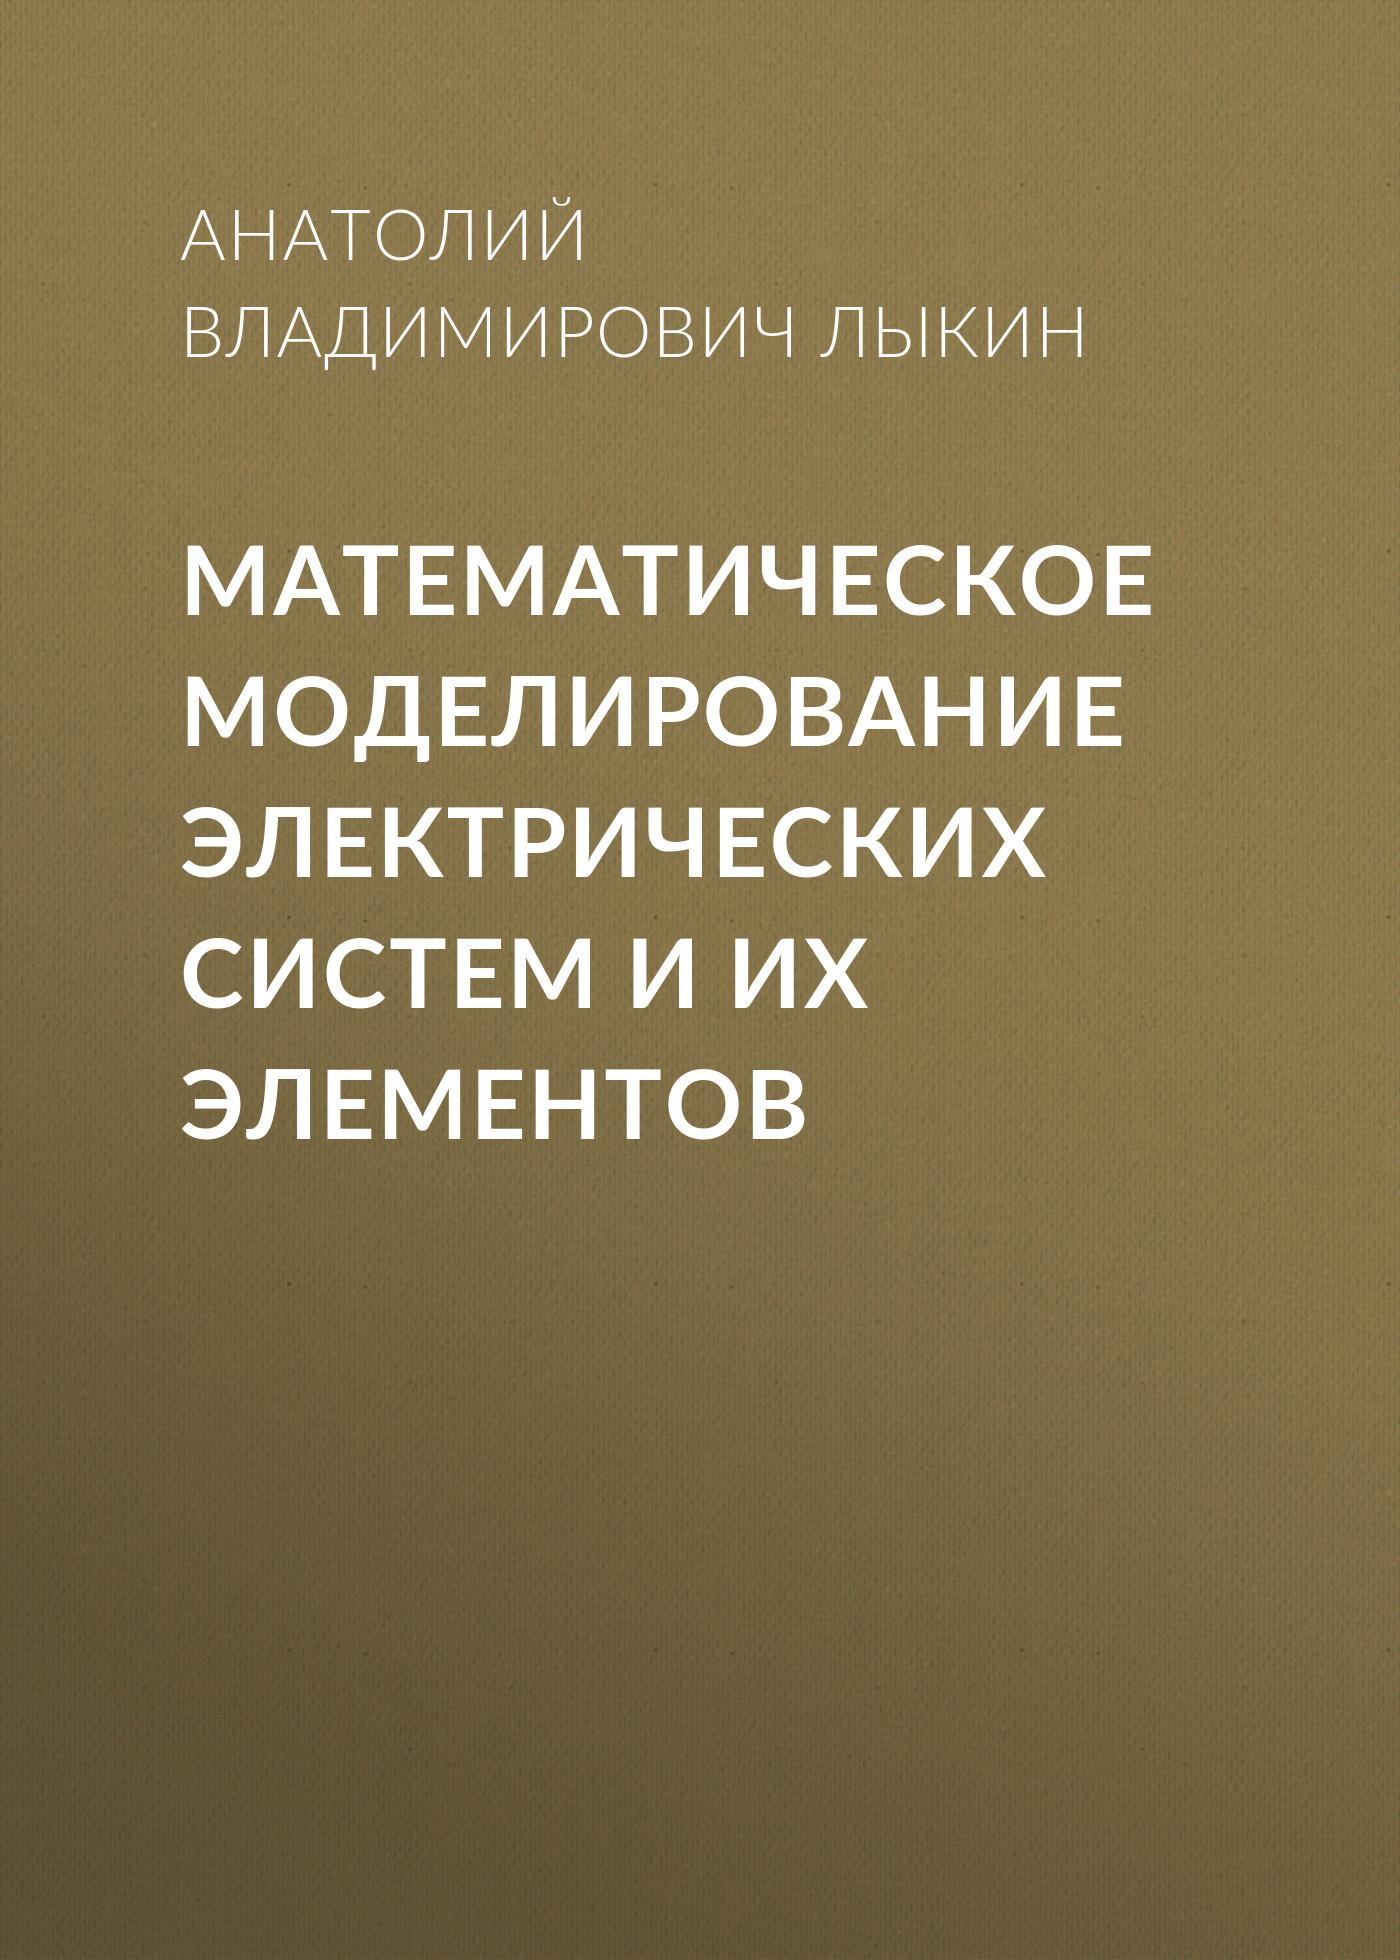 Анатолий Владимирович Лыкин бесплатно